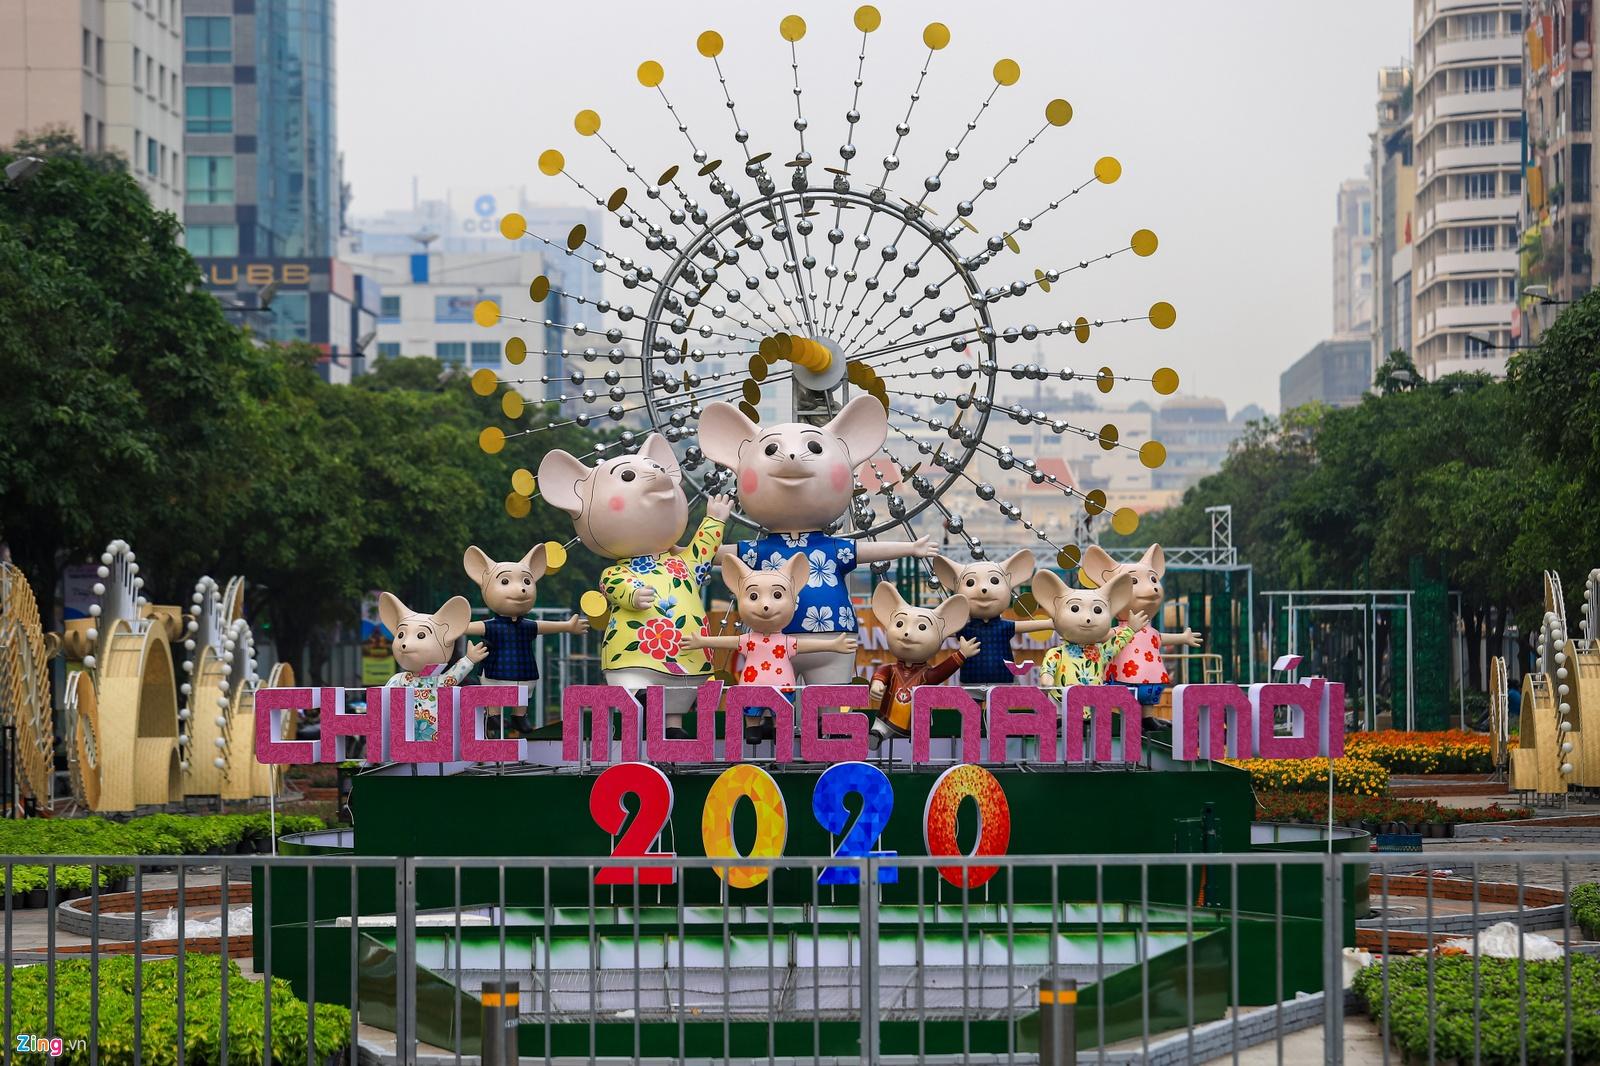 Đường hoa Nguyễn Huệ rực rỡ sắc màu đón xuân Canh Tý 2020. (Ảnh qua Zing)